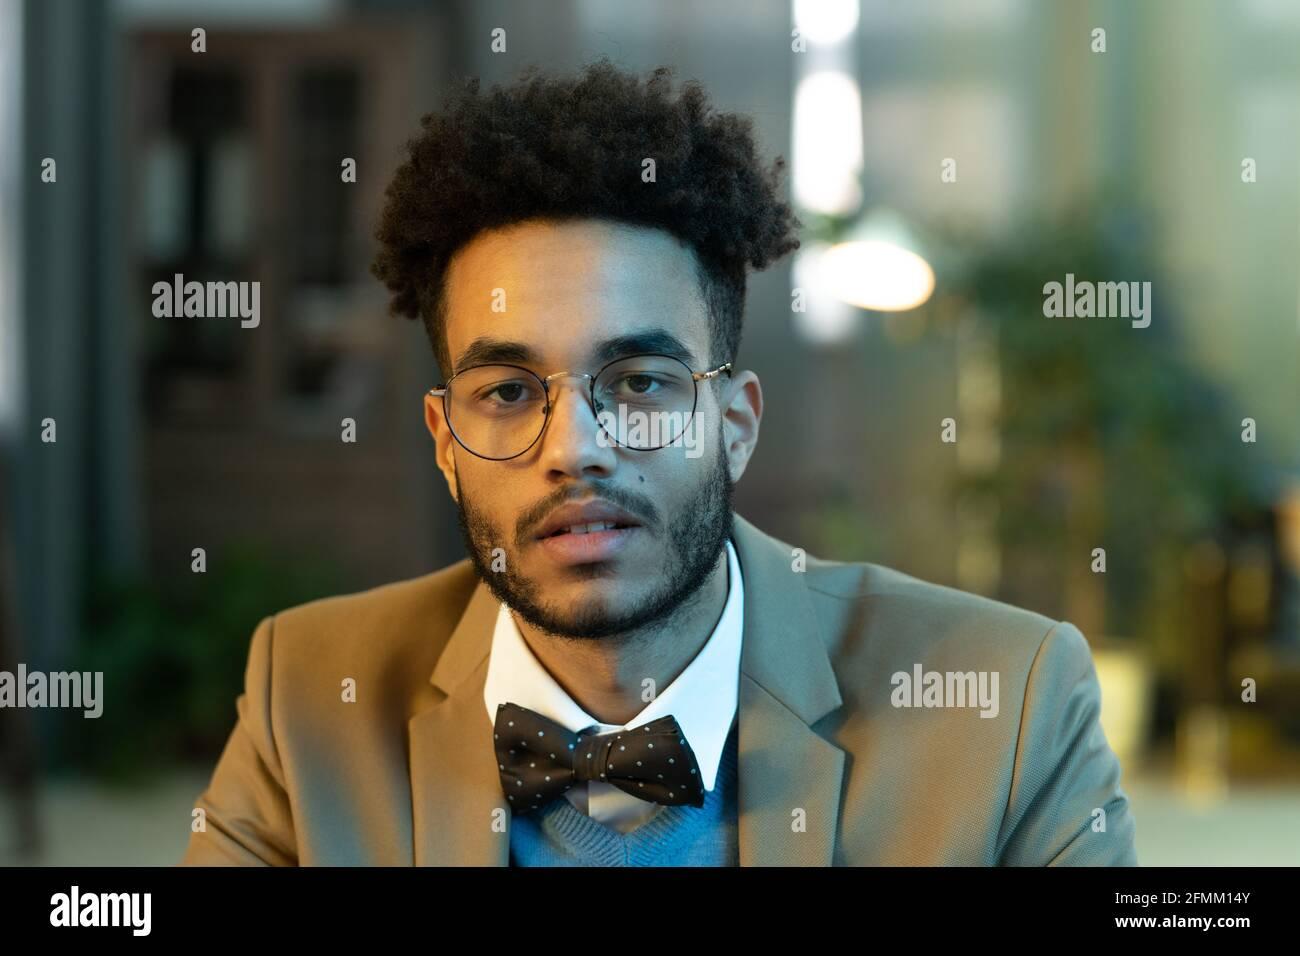 Retrato de un hombre joven con pelo afro rizado gafas de forma redonda y pajarita sentado en la oficina Foto de stock